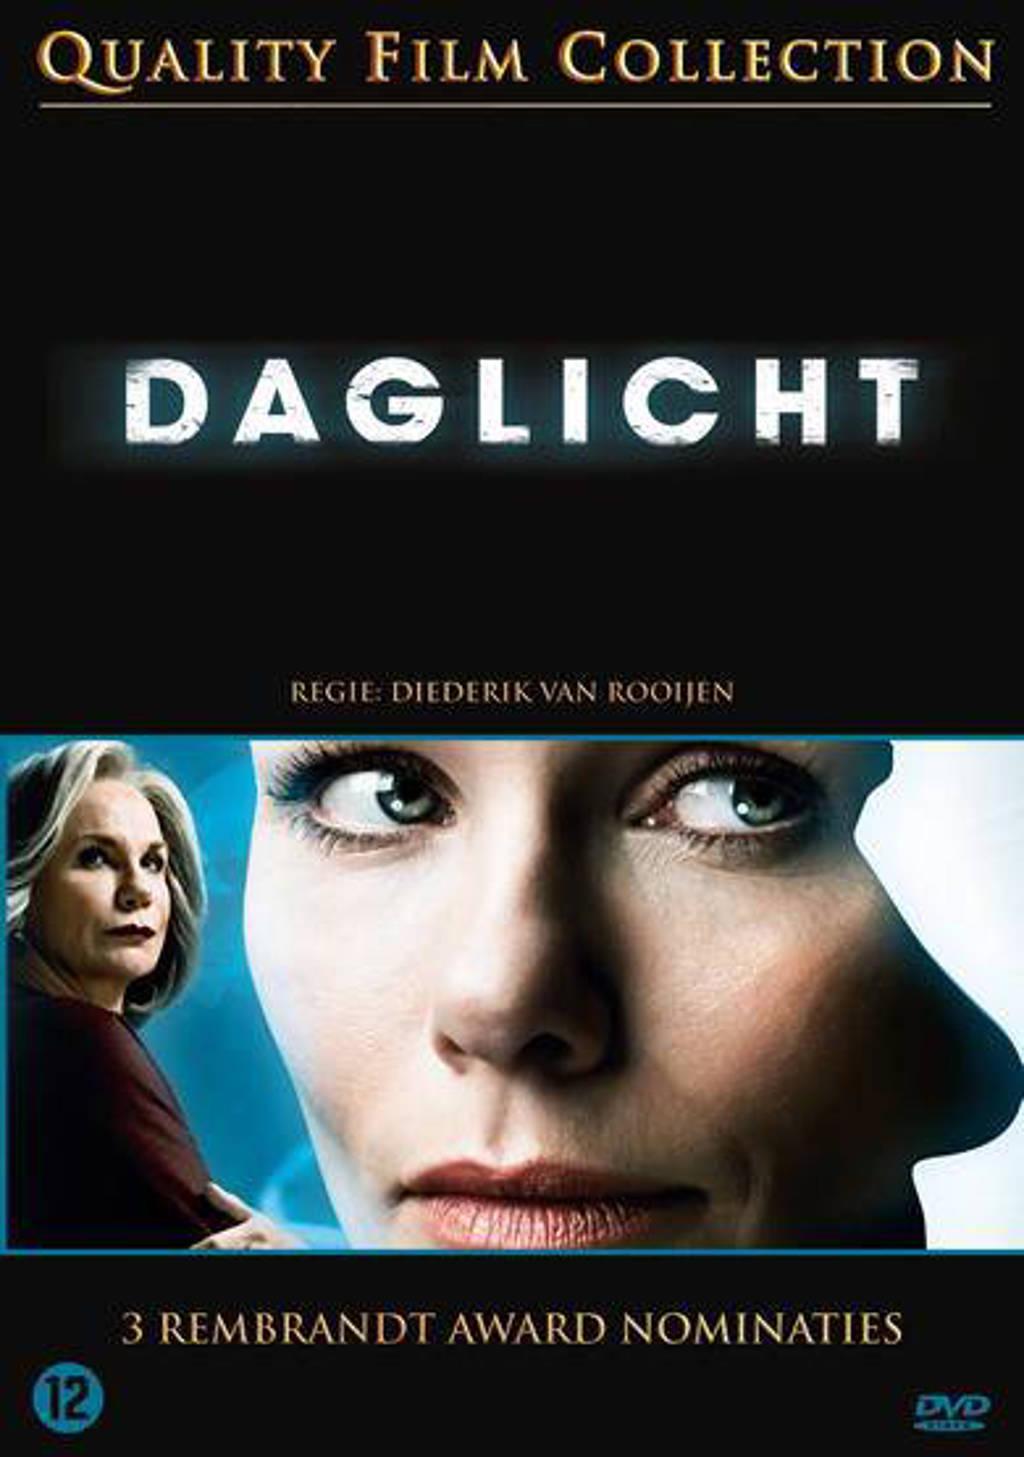 Daglicht (DVD)